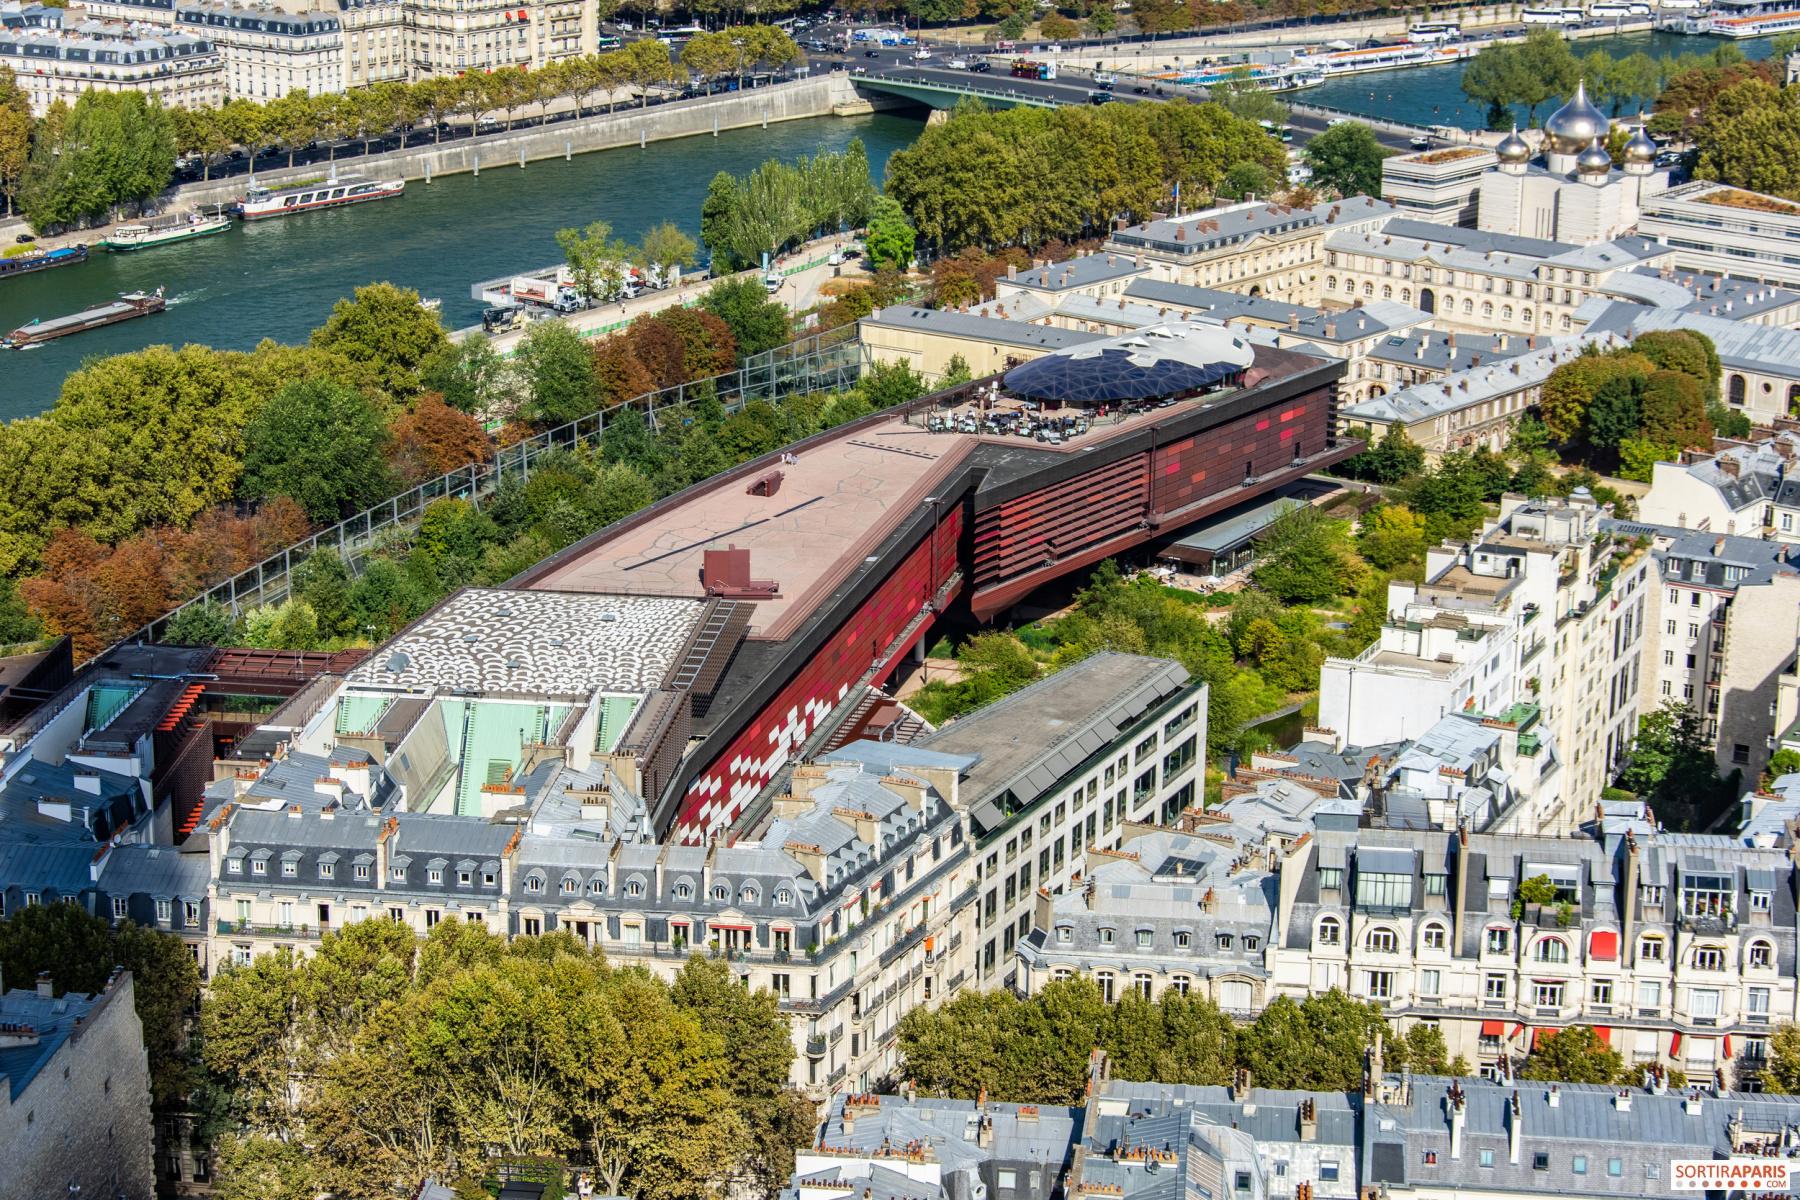 421548-visuel-paris-quai-branly